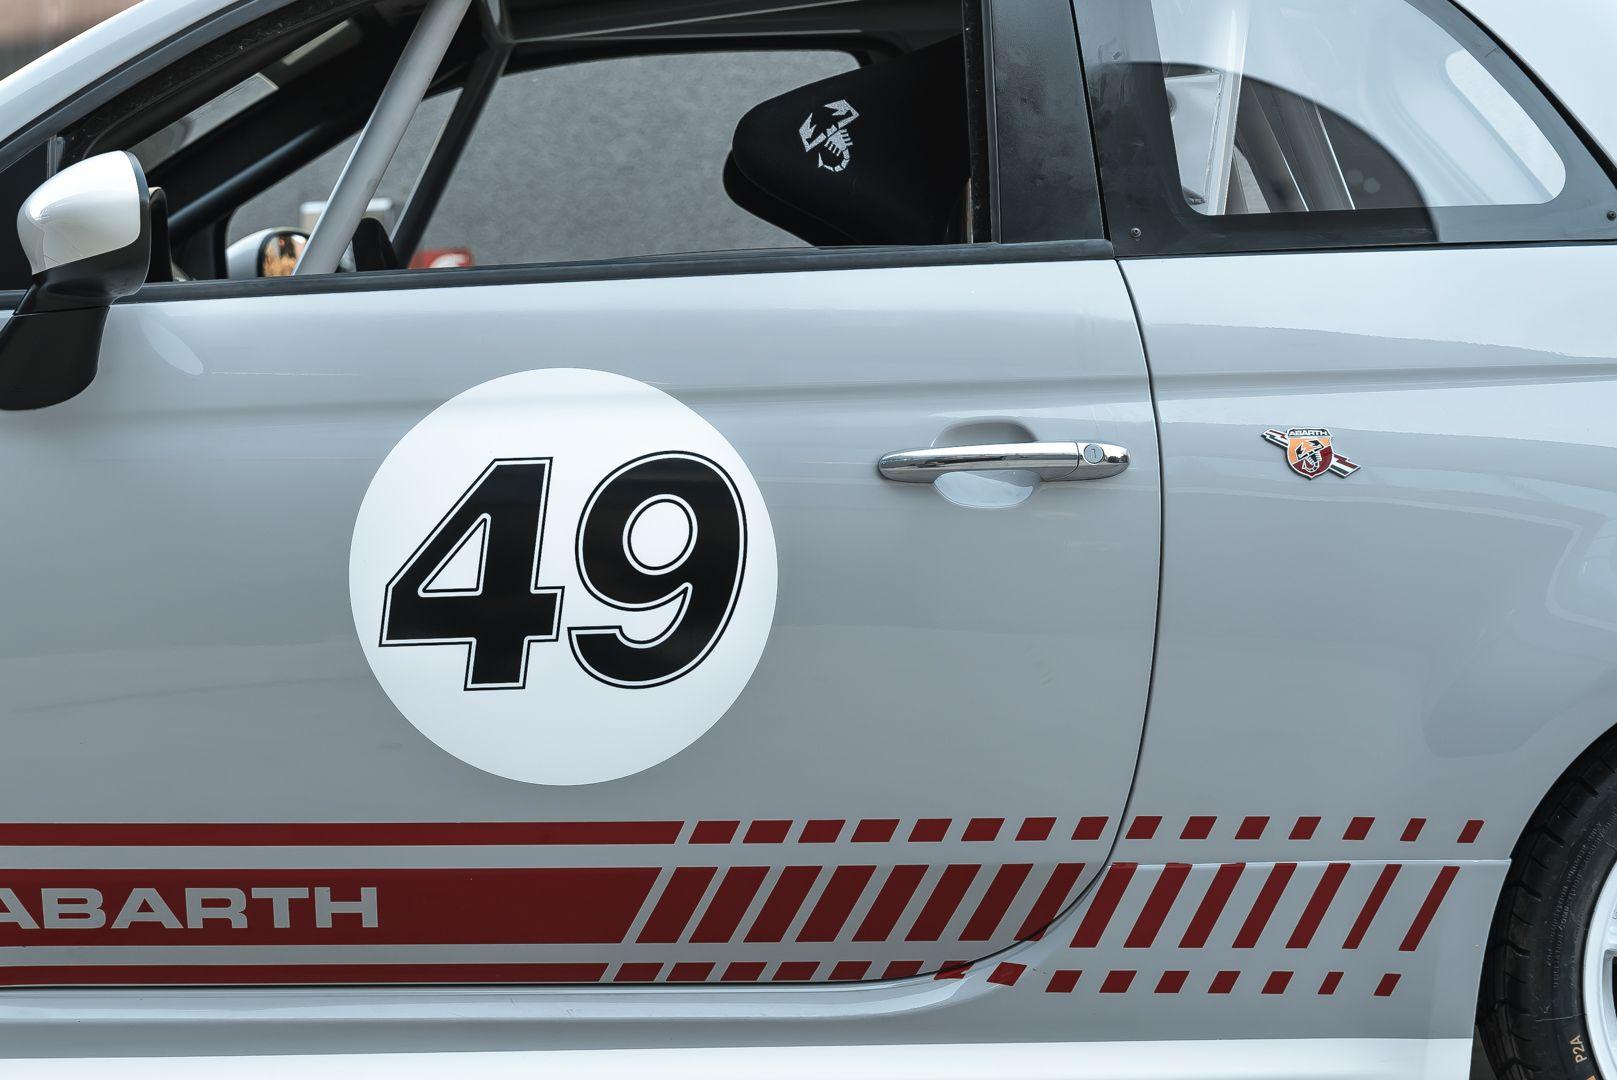 2008 Fiat 500 Abarth Assetto Corse 49/49 79322